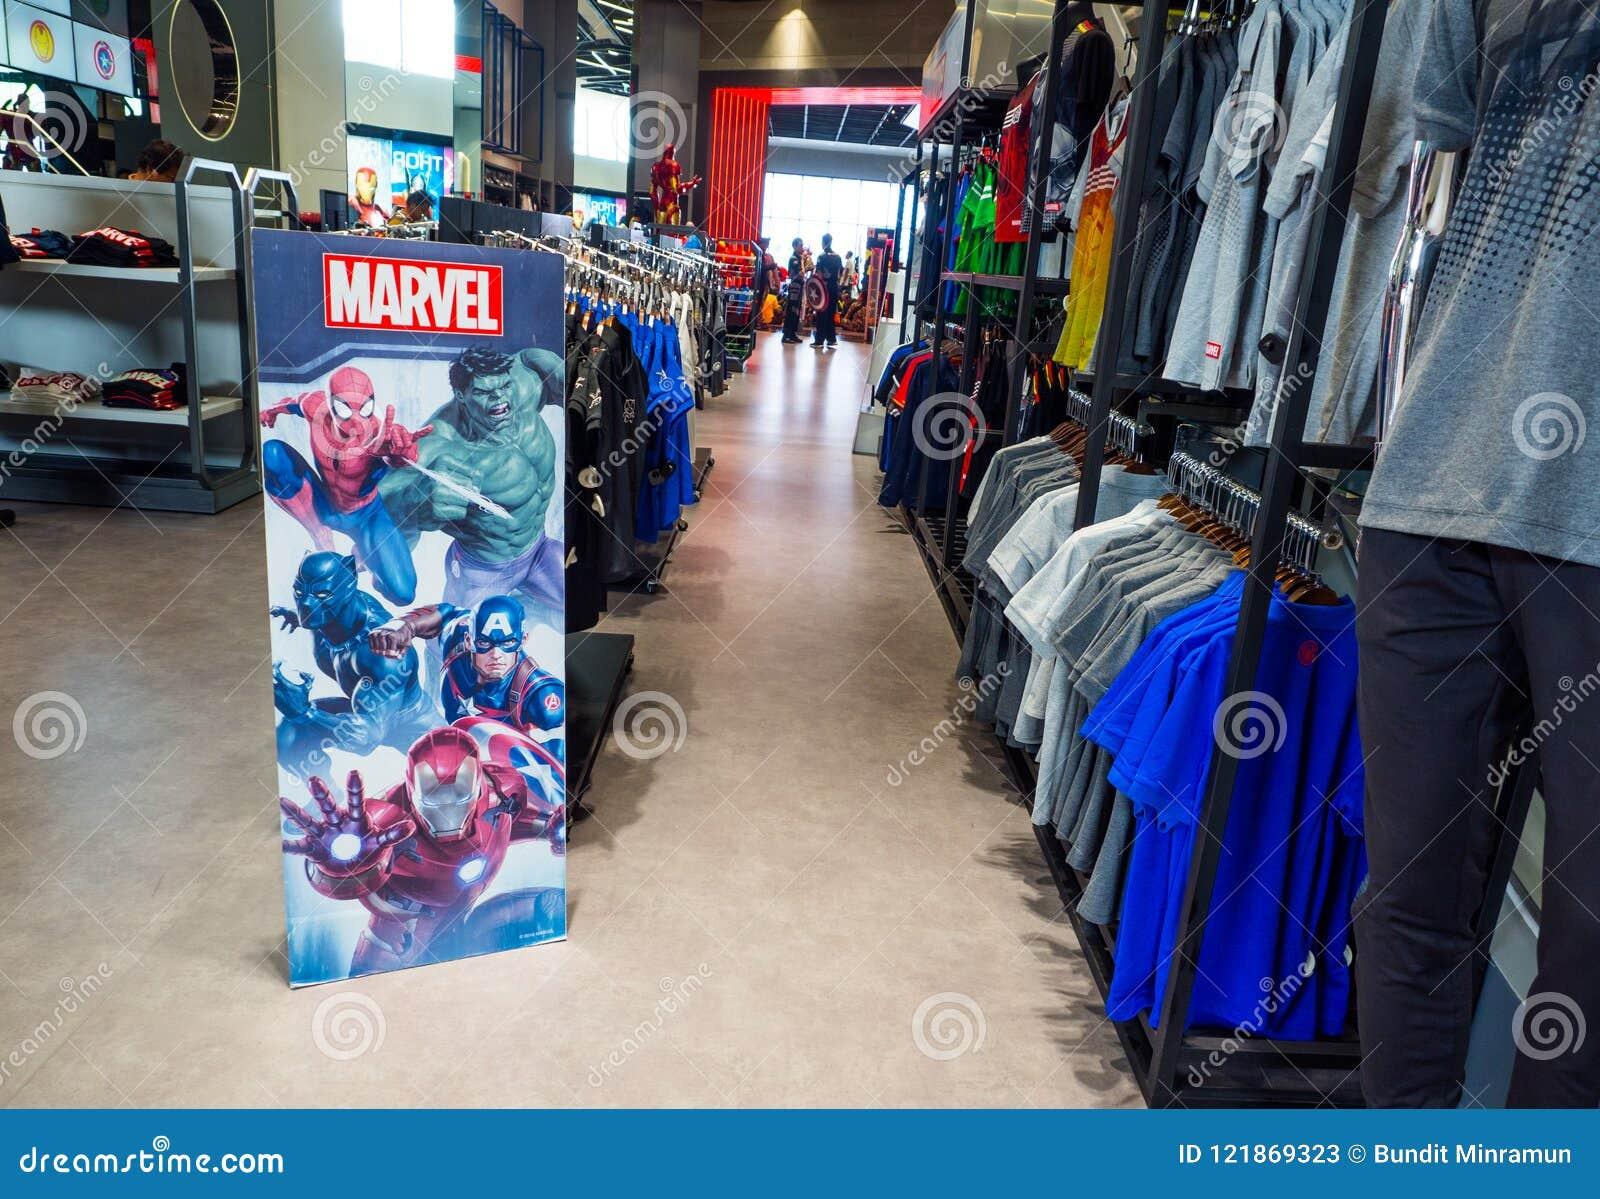 De wonderervaring superstore is een detailhandel voor een ventilator van de strippagina van Wondersuperheroes